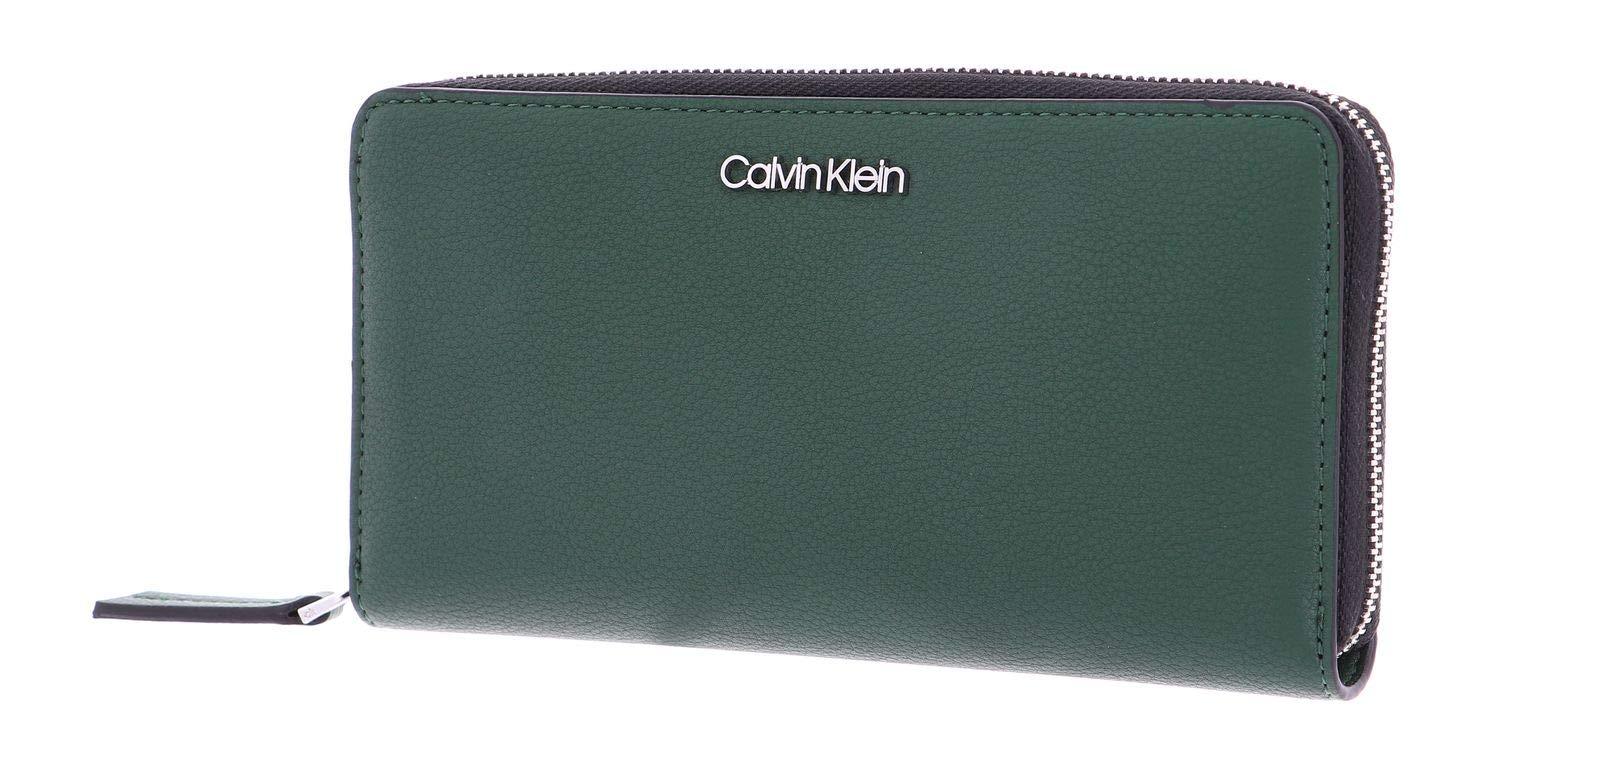 Calvin Klein CK MUST ZIPAROUND LG